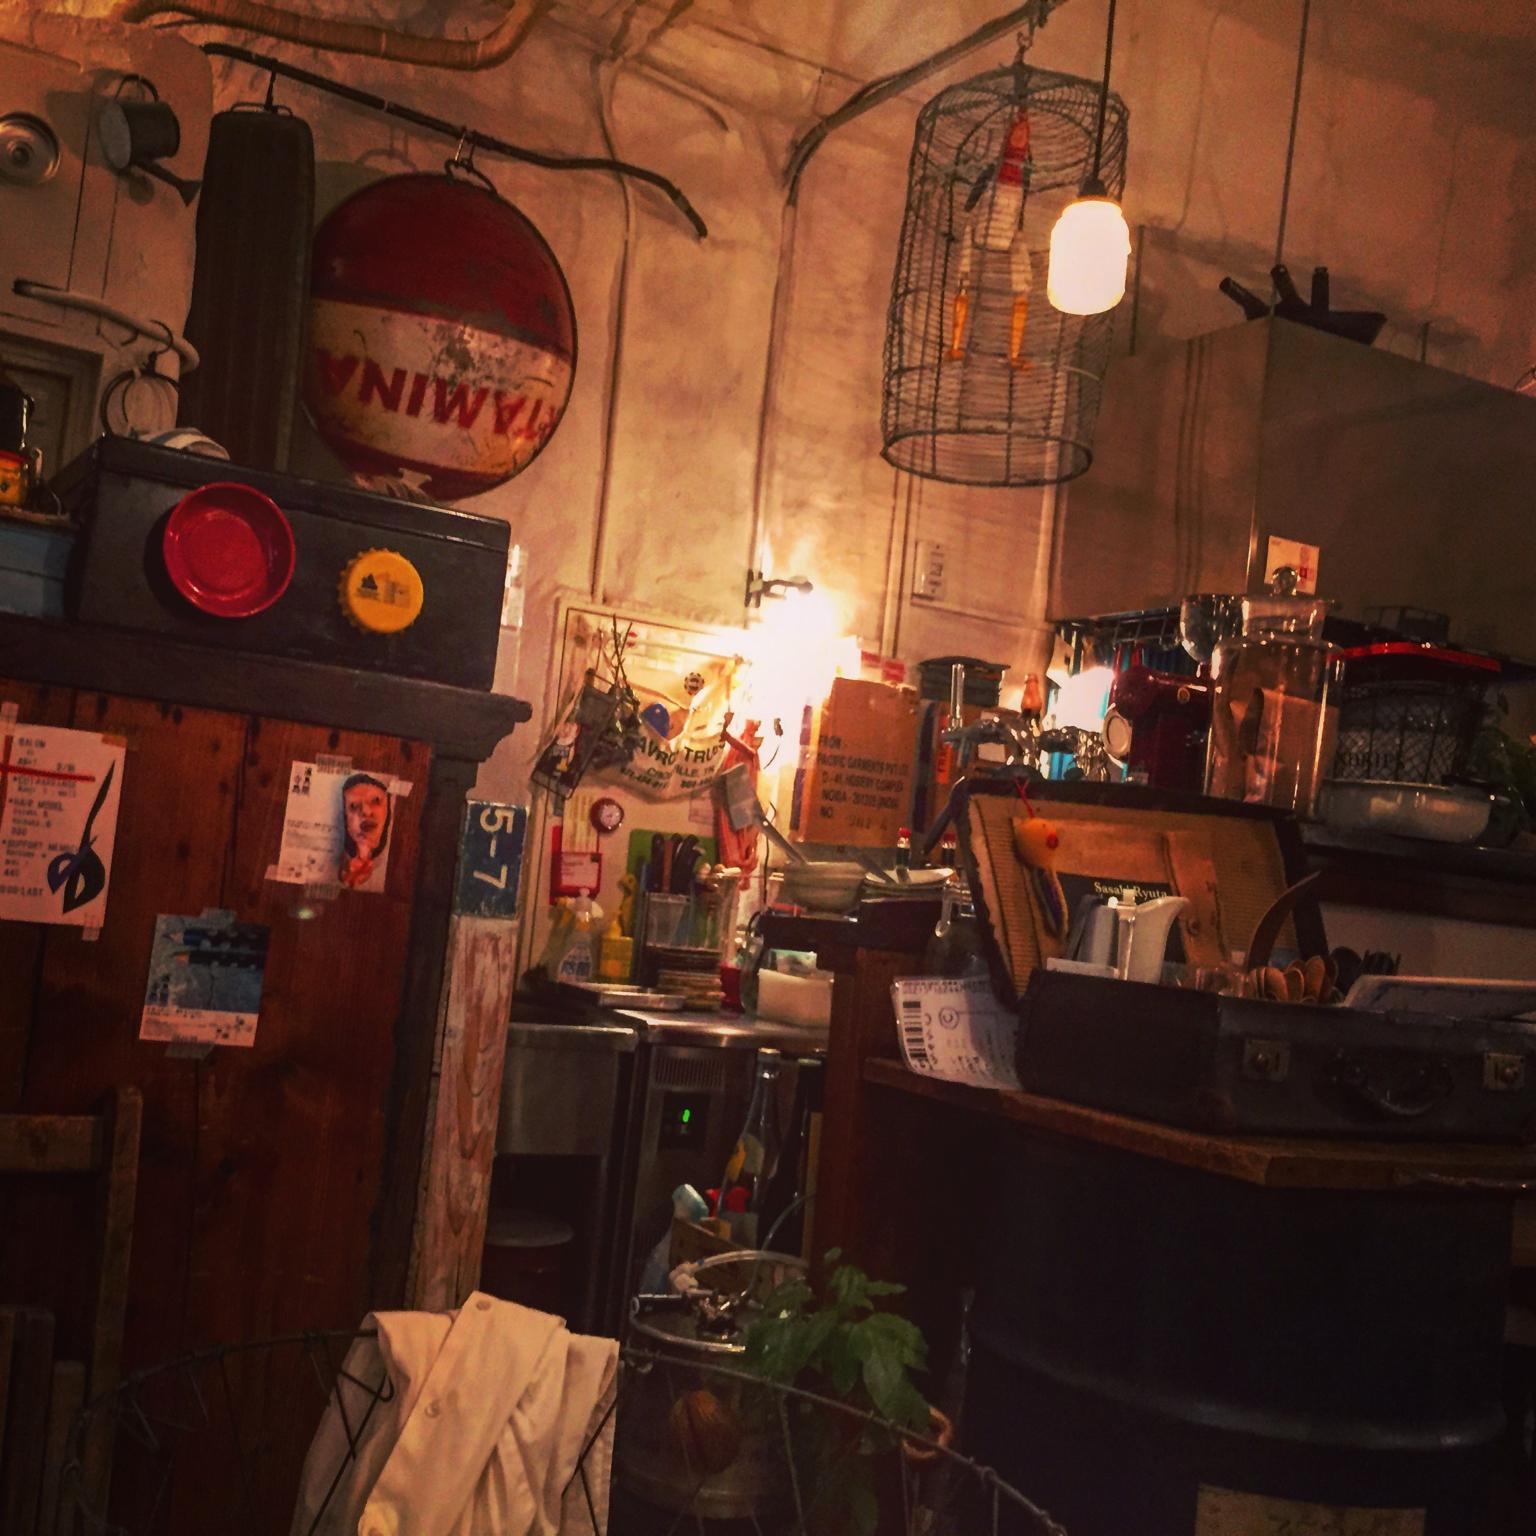 仙台で行きたい!おしゃれな雑貨屋を12店ご紹介します★のサムネイル画像